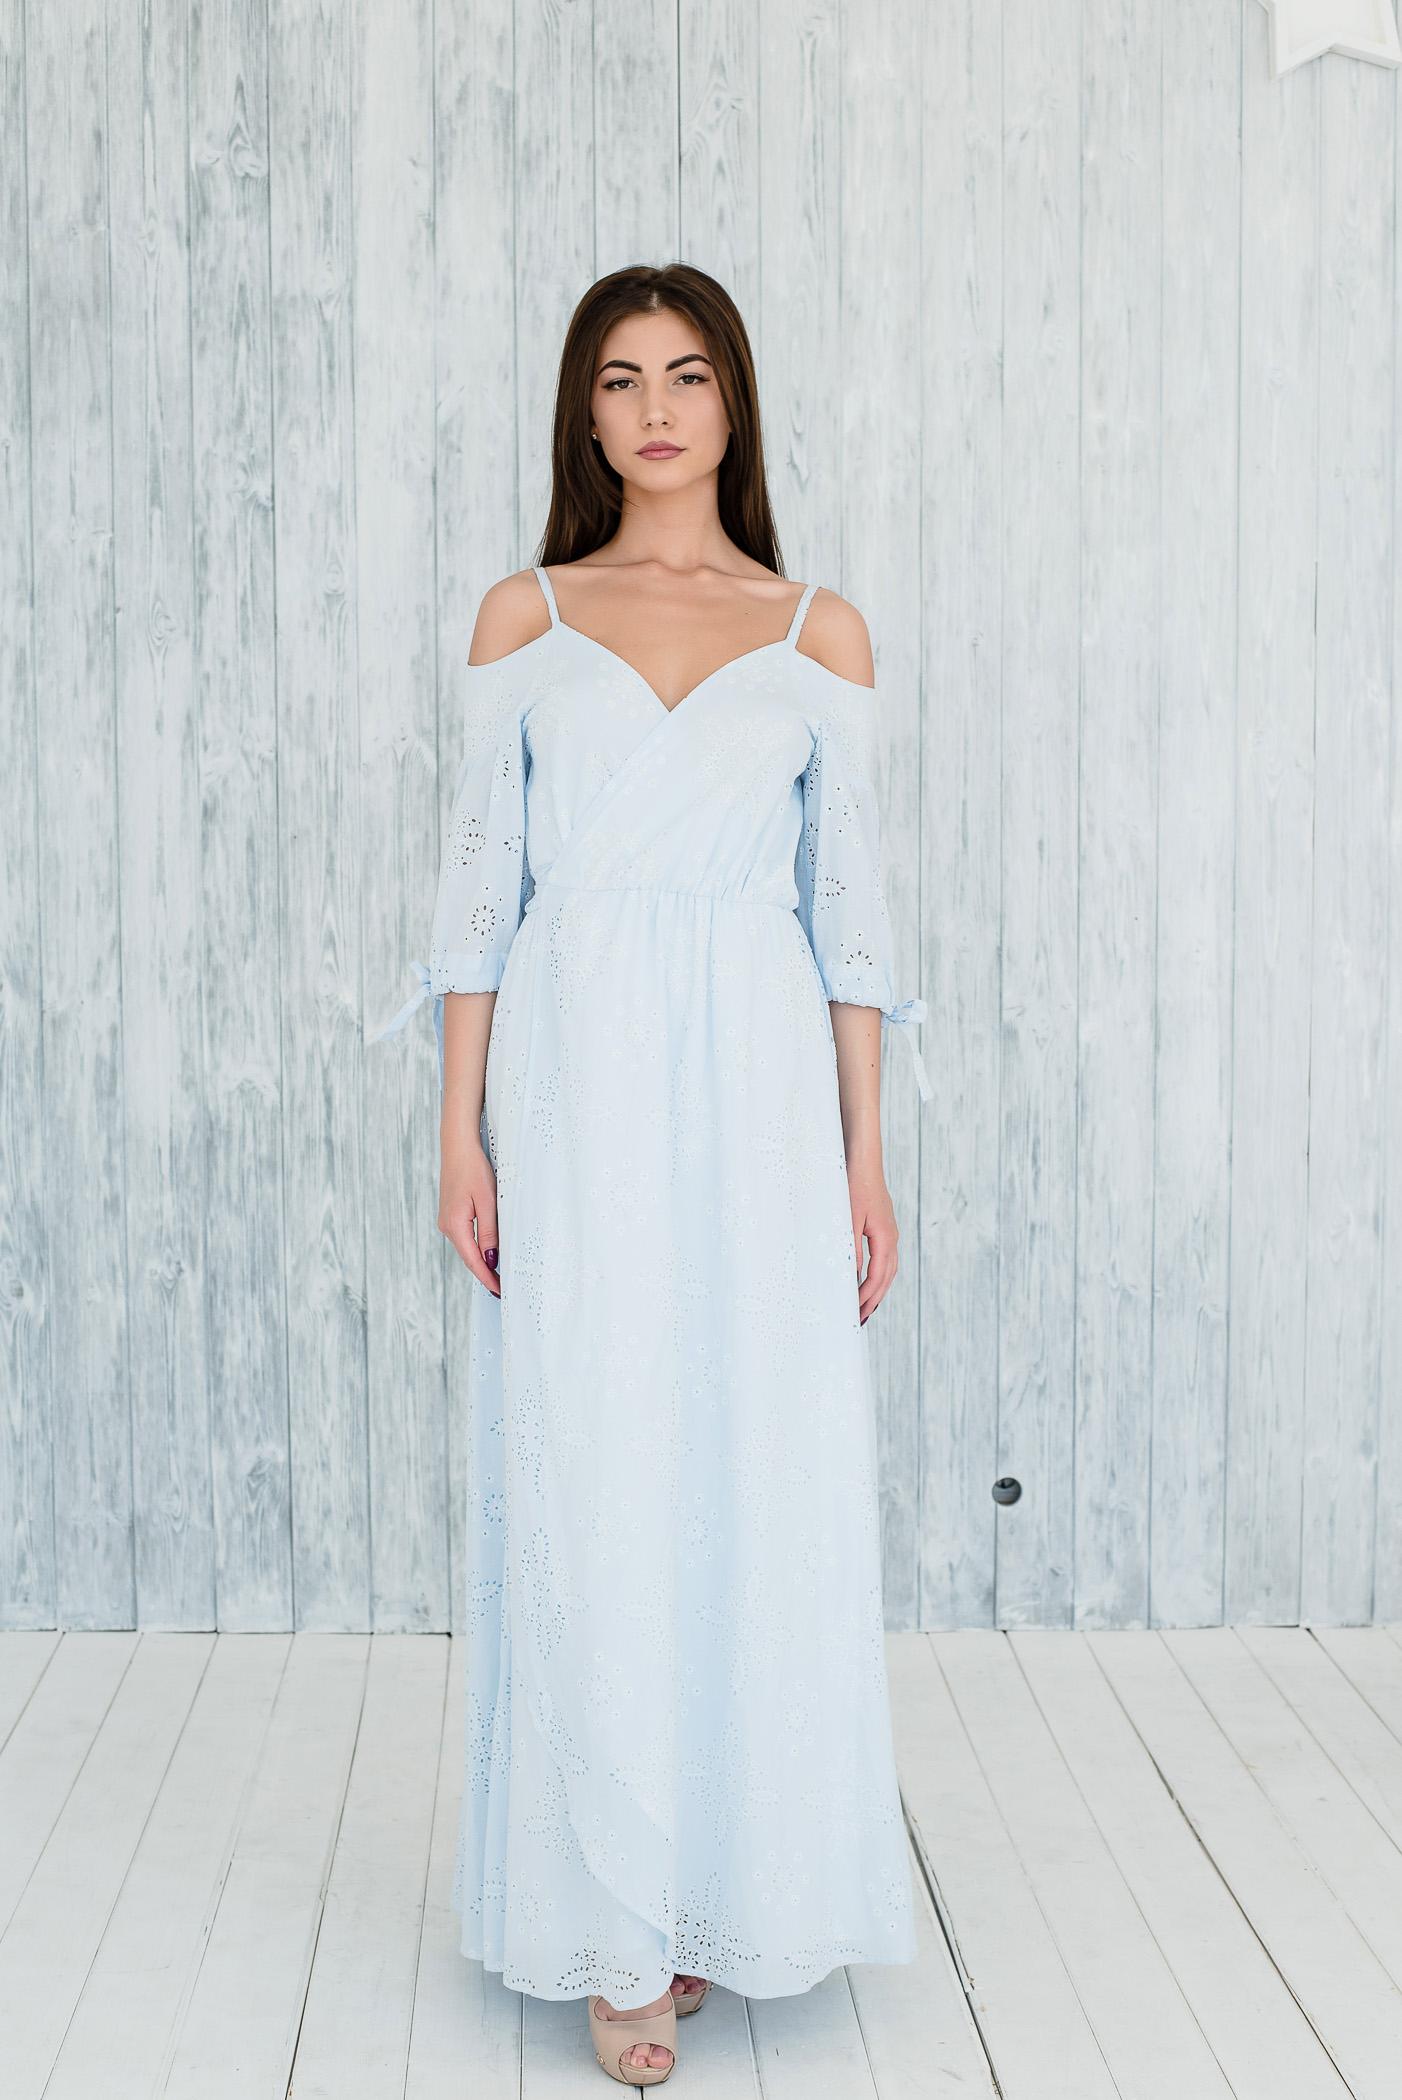 голубое платье бриз вид спереди